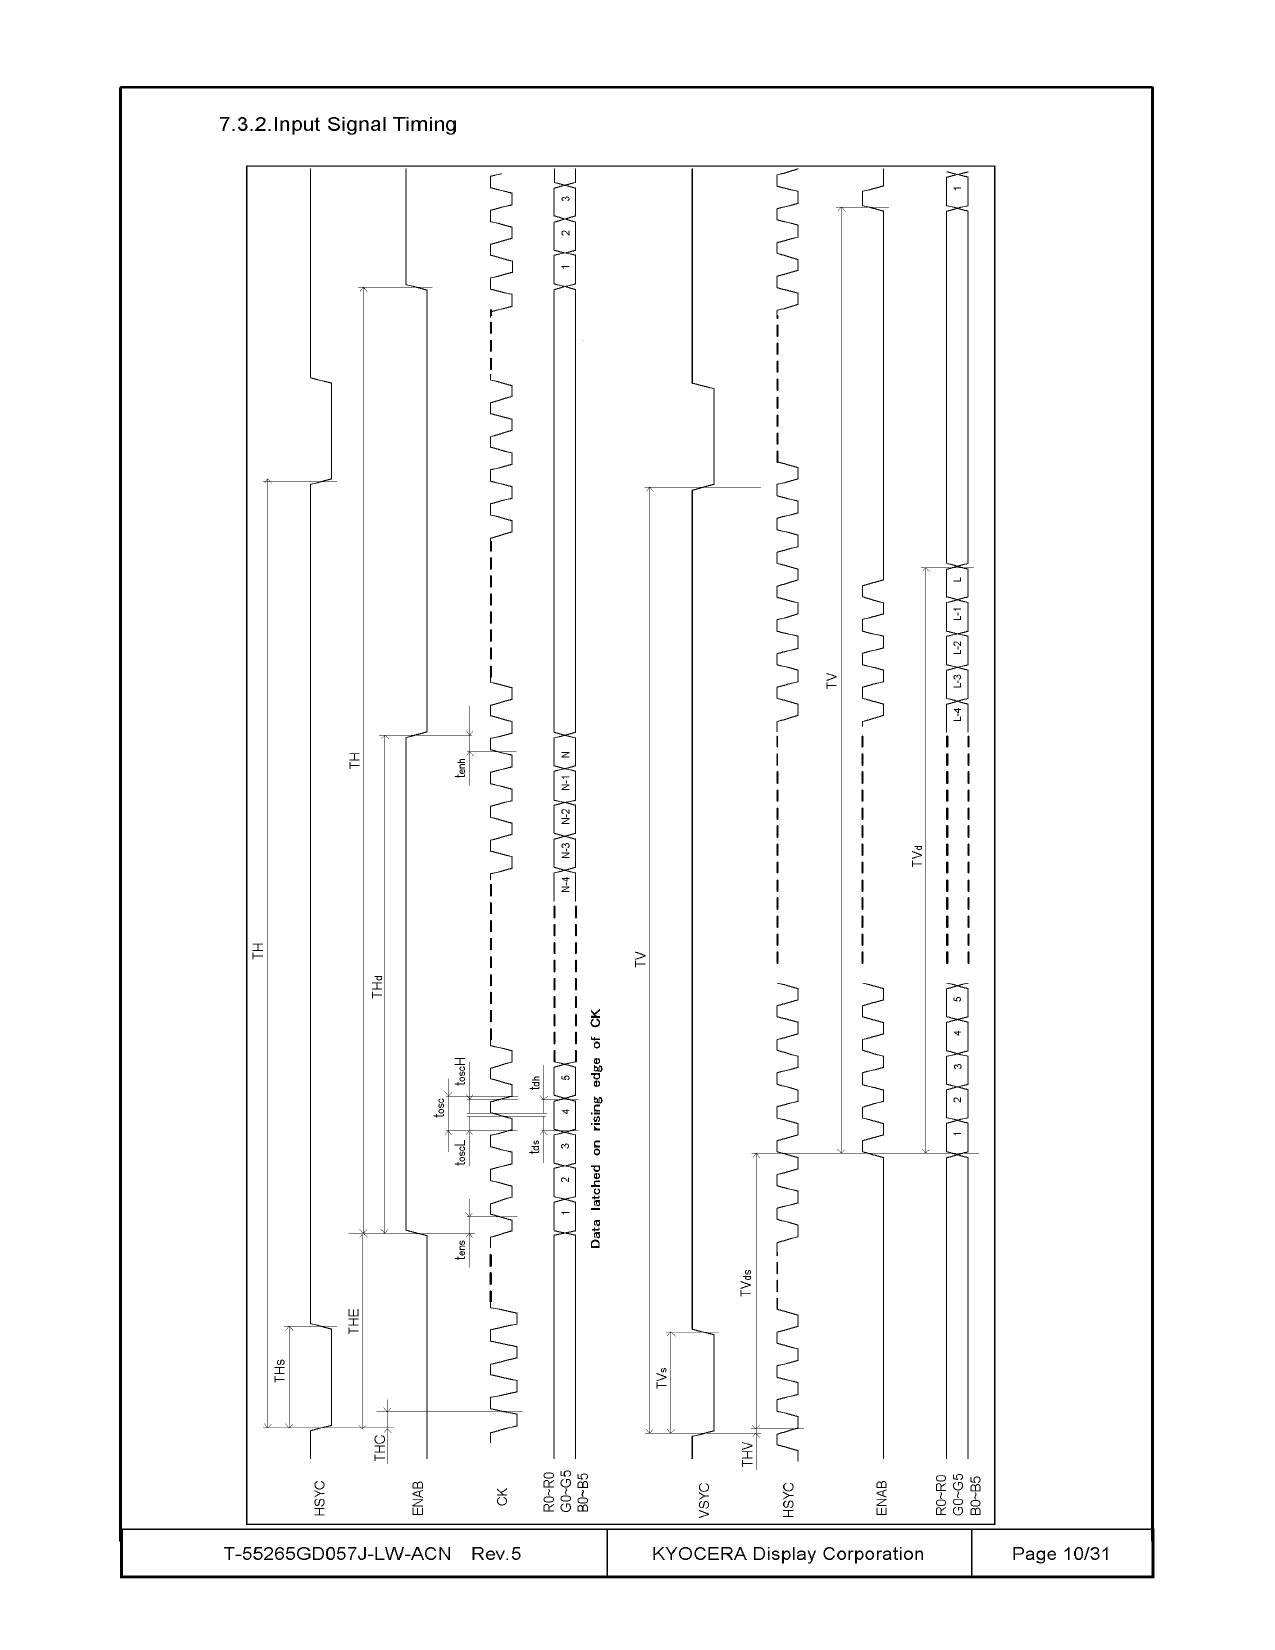 T-55265GD057J-LW-ACN arduino